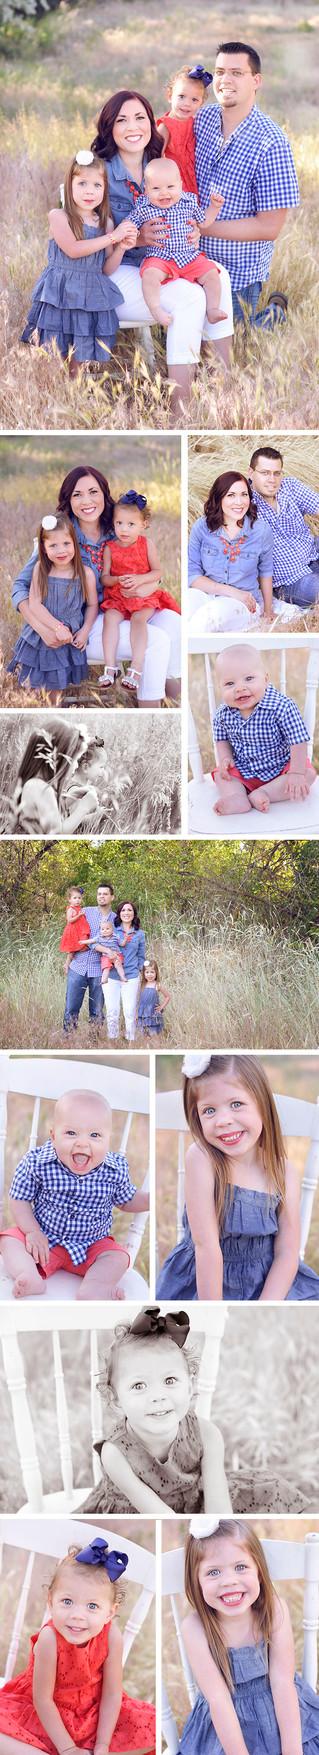 Pedersen Family